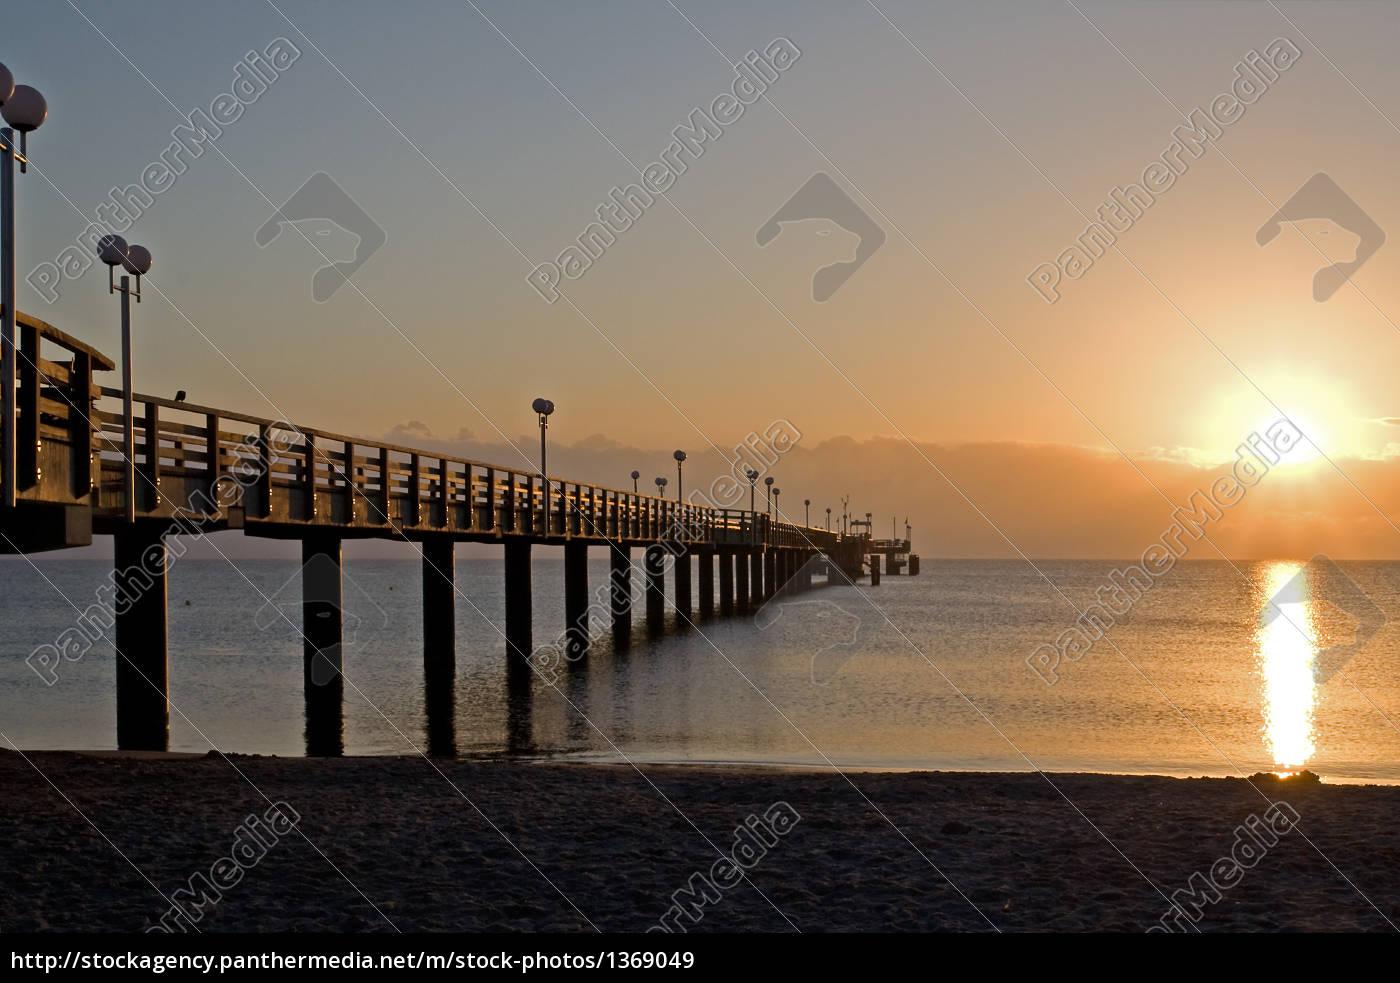 pier, in, binz - 1369049